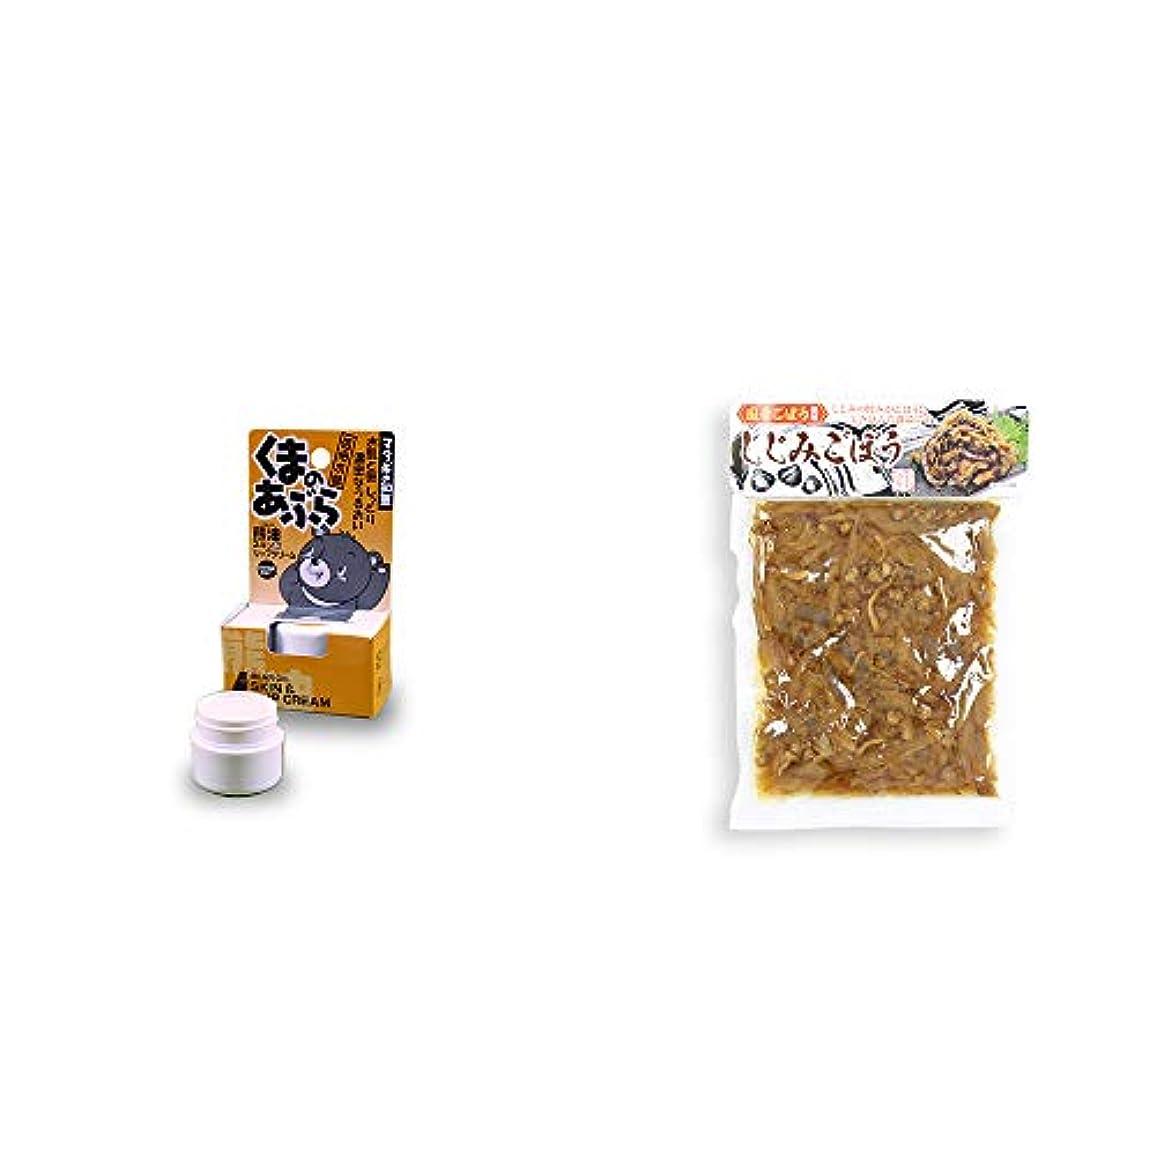 かどうか不機嫌ますます[2点セット] 信州木曽 くまのあぶら 熊油スキン&リップクリーム(9g)?しじみごぼう(300g)